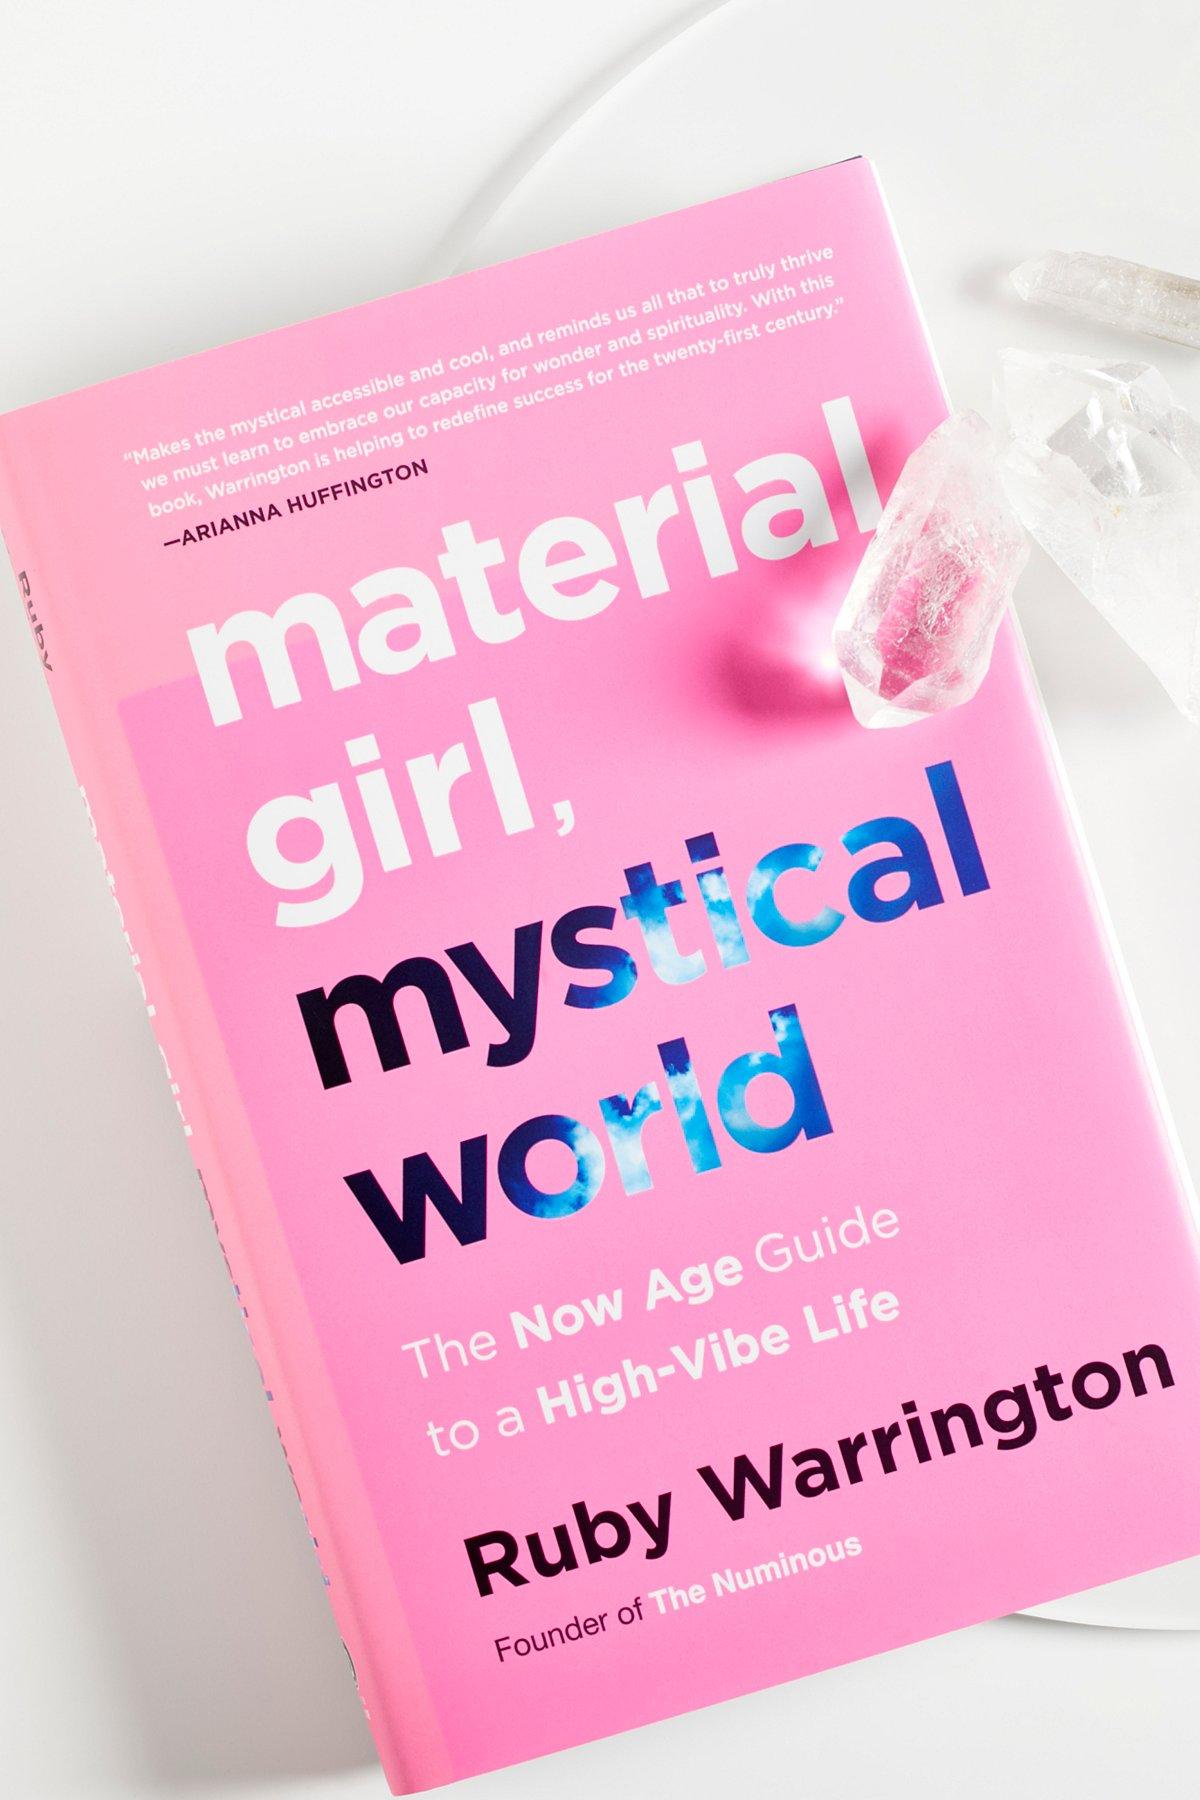 《物质女孩,神秘世界》